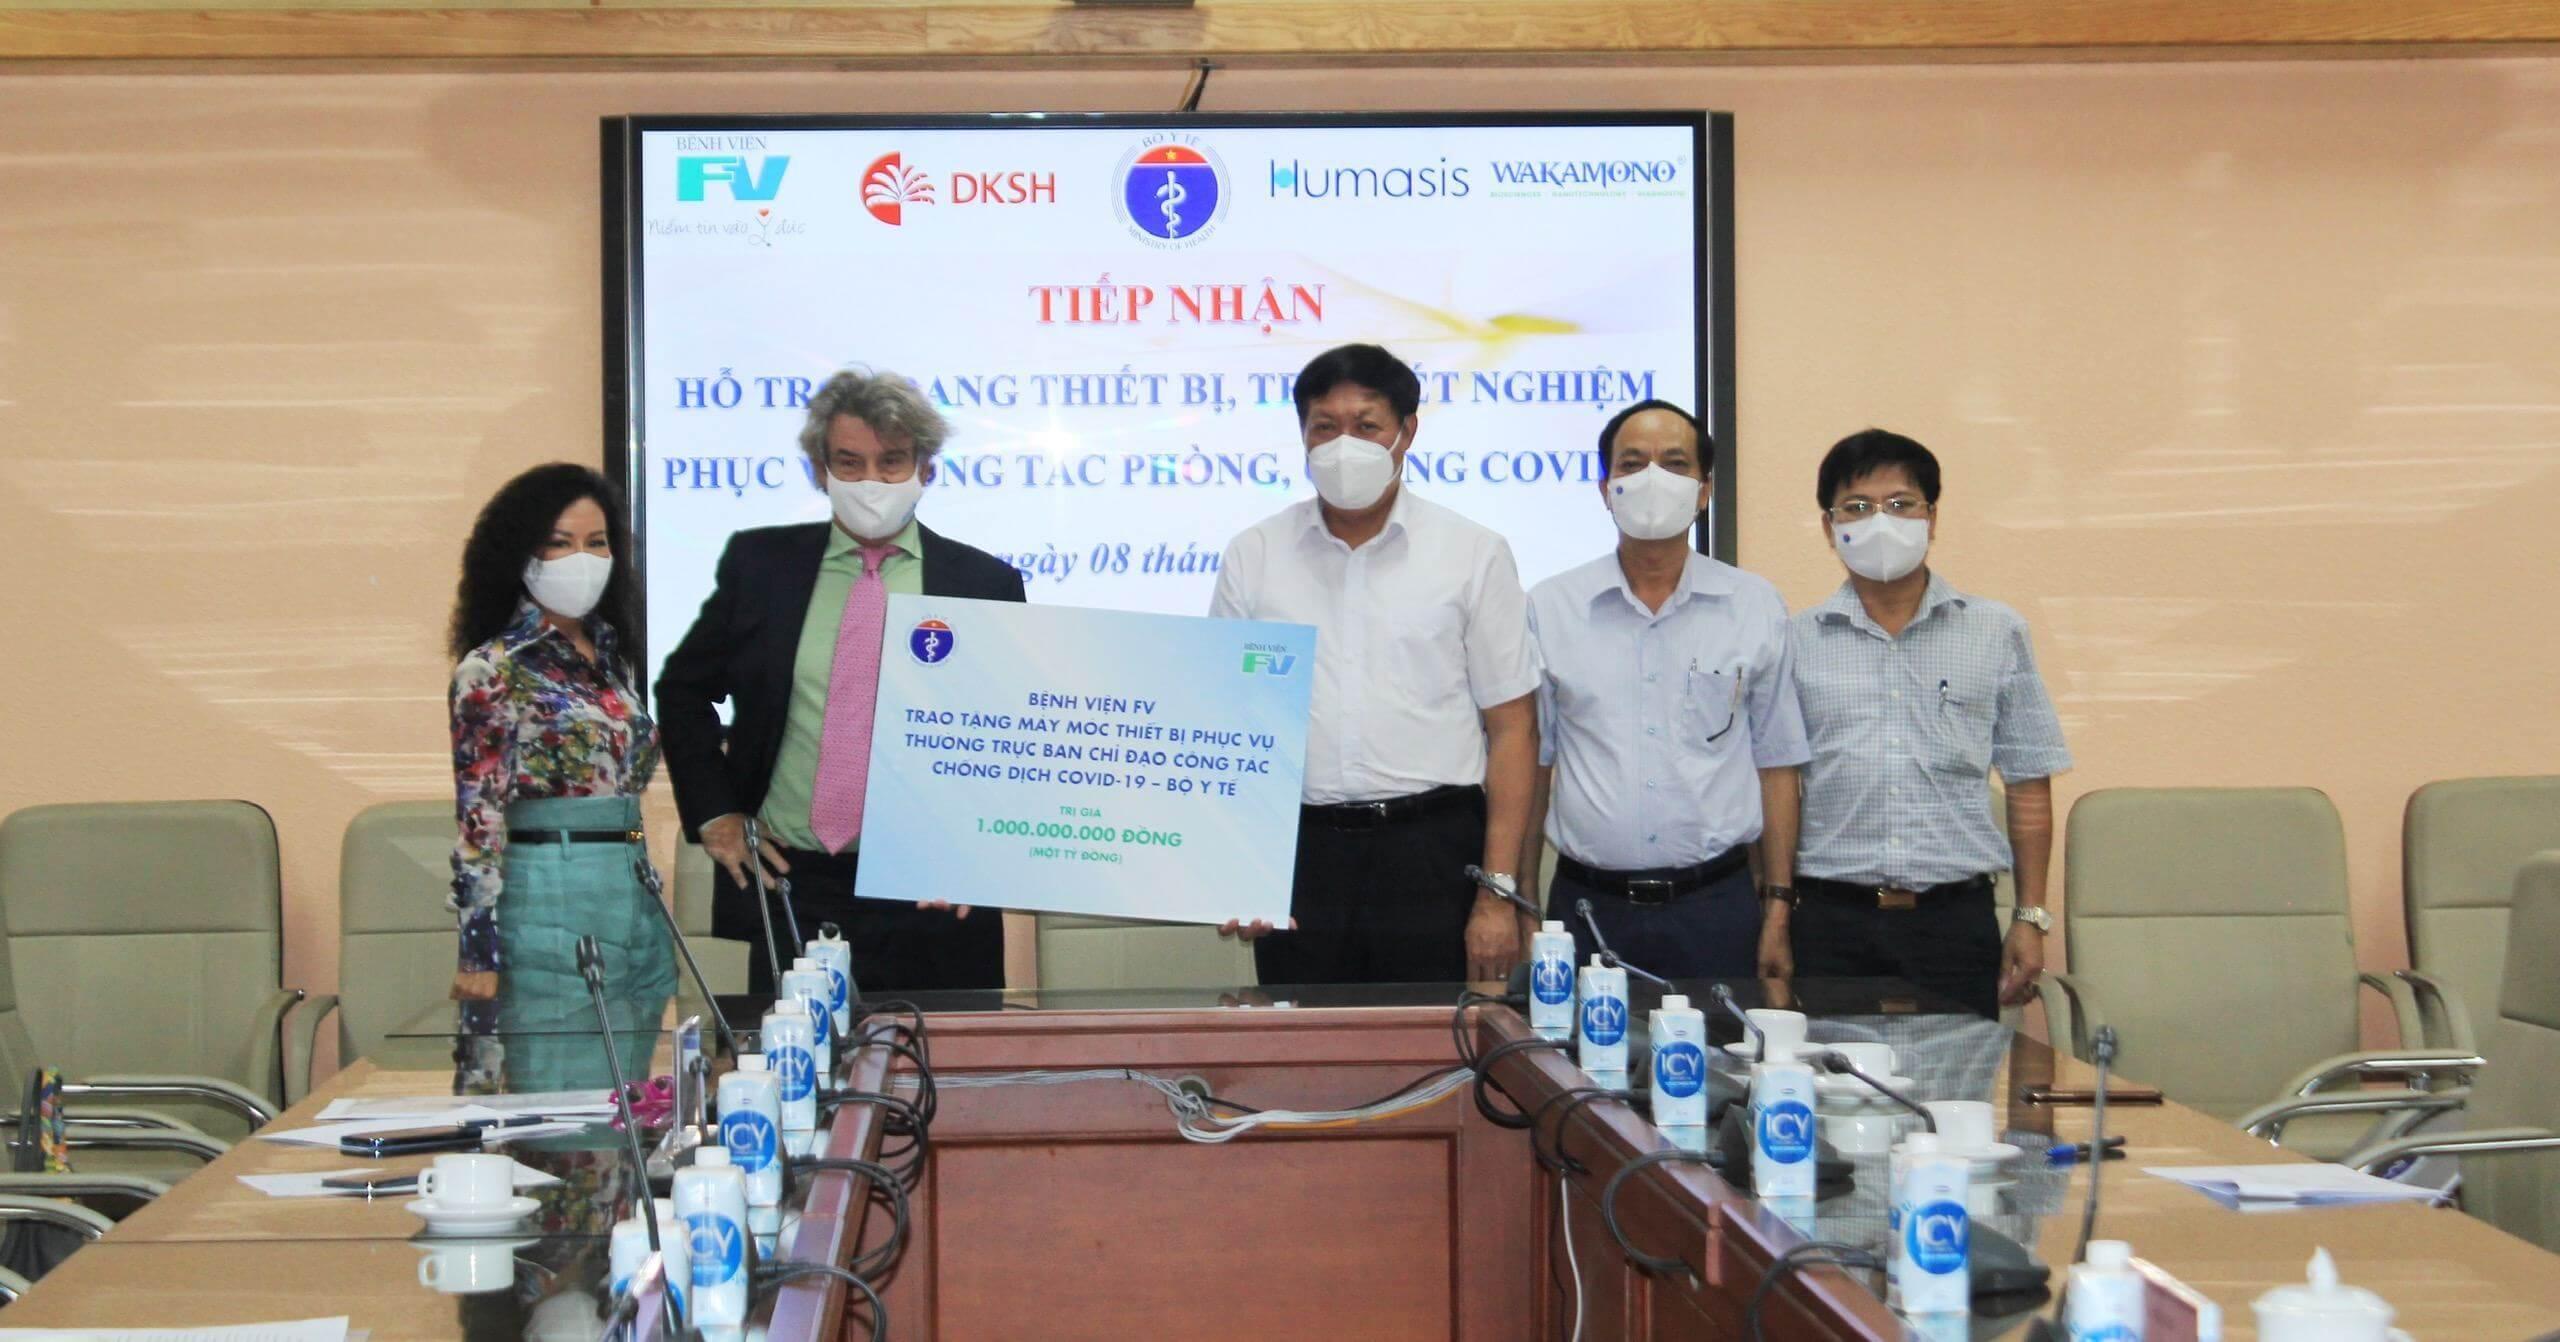 Bệnh viện FV tặng trang thiết bị phòng chống dịch trị giá 1 tỉ đồng cho công tác phòng chống dịch Covid-19 của Bộ Y Tế 6